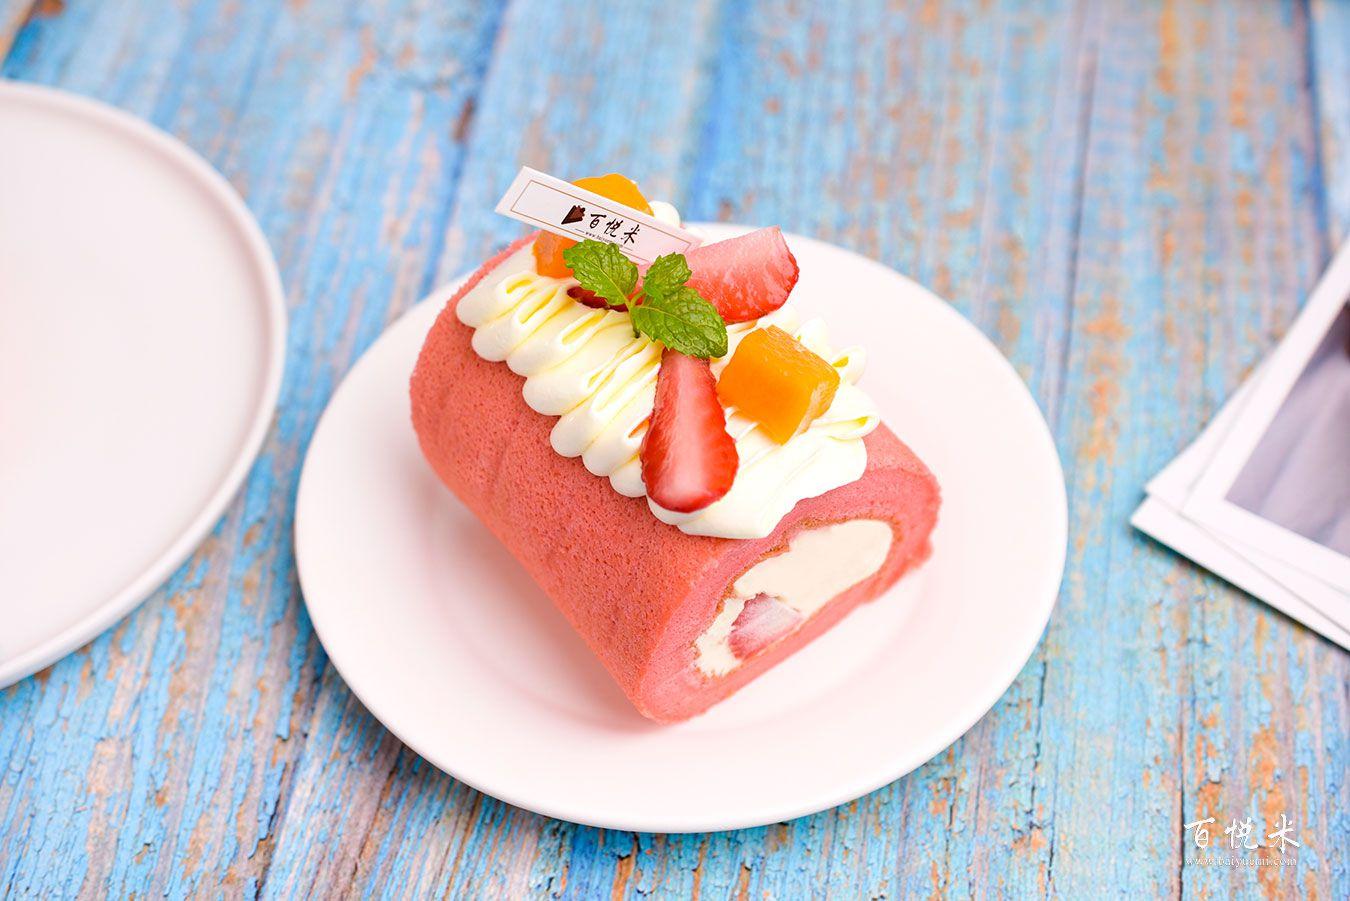 红丝绒蛋糕卷高清图片大全【蛋糕图片】_557